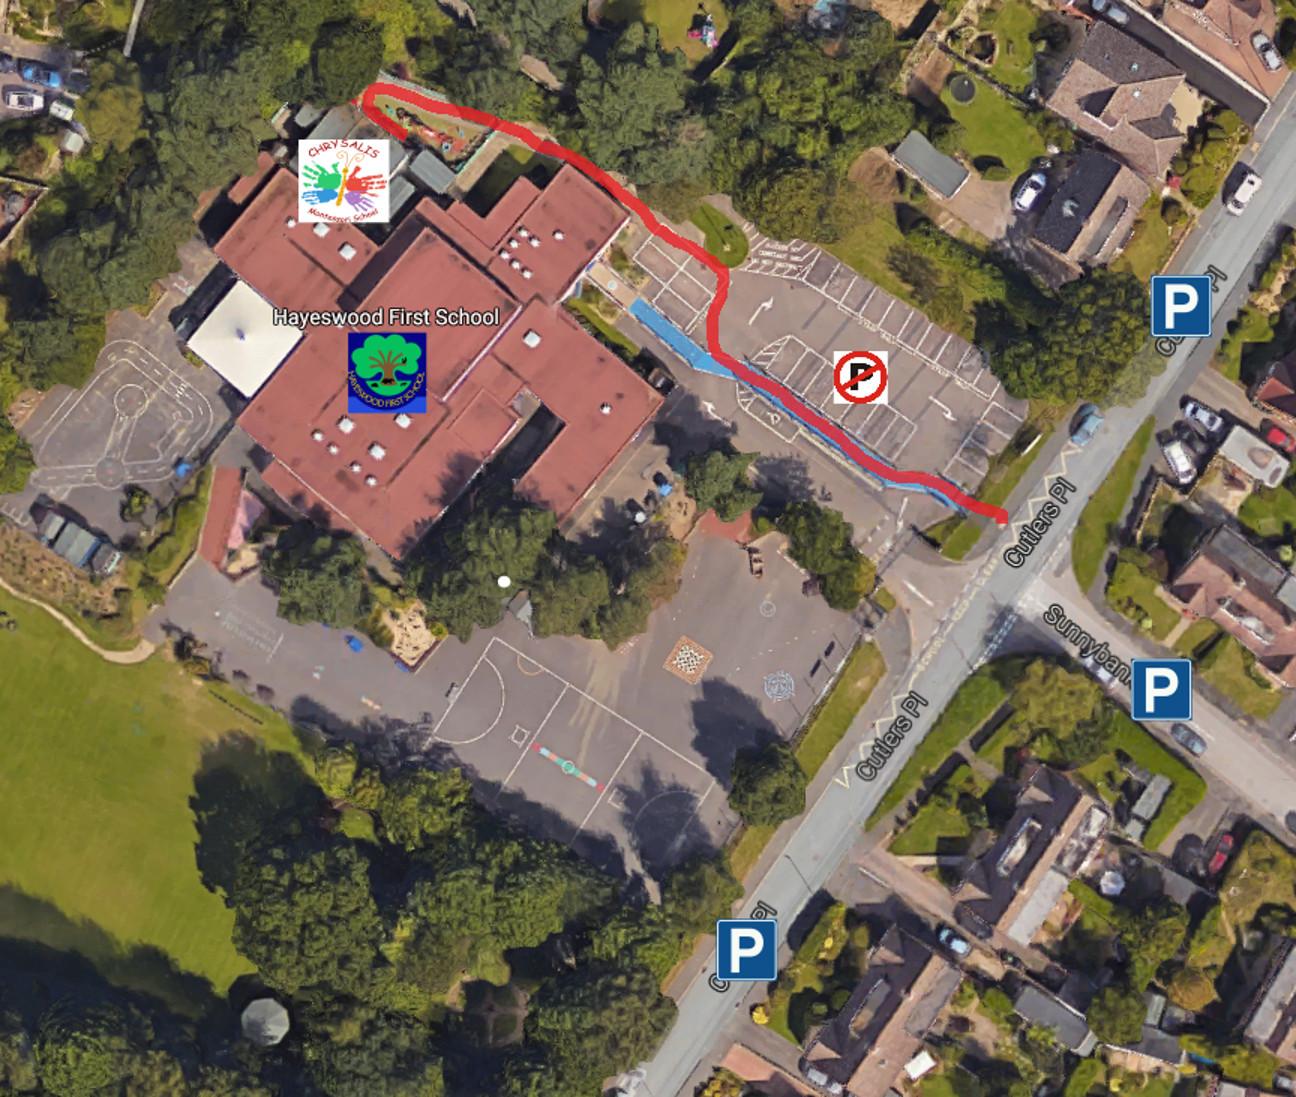 Chrysalis and Hayeswood schools map